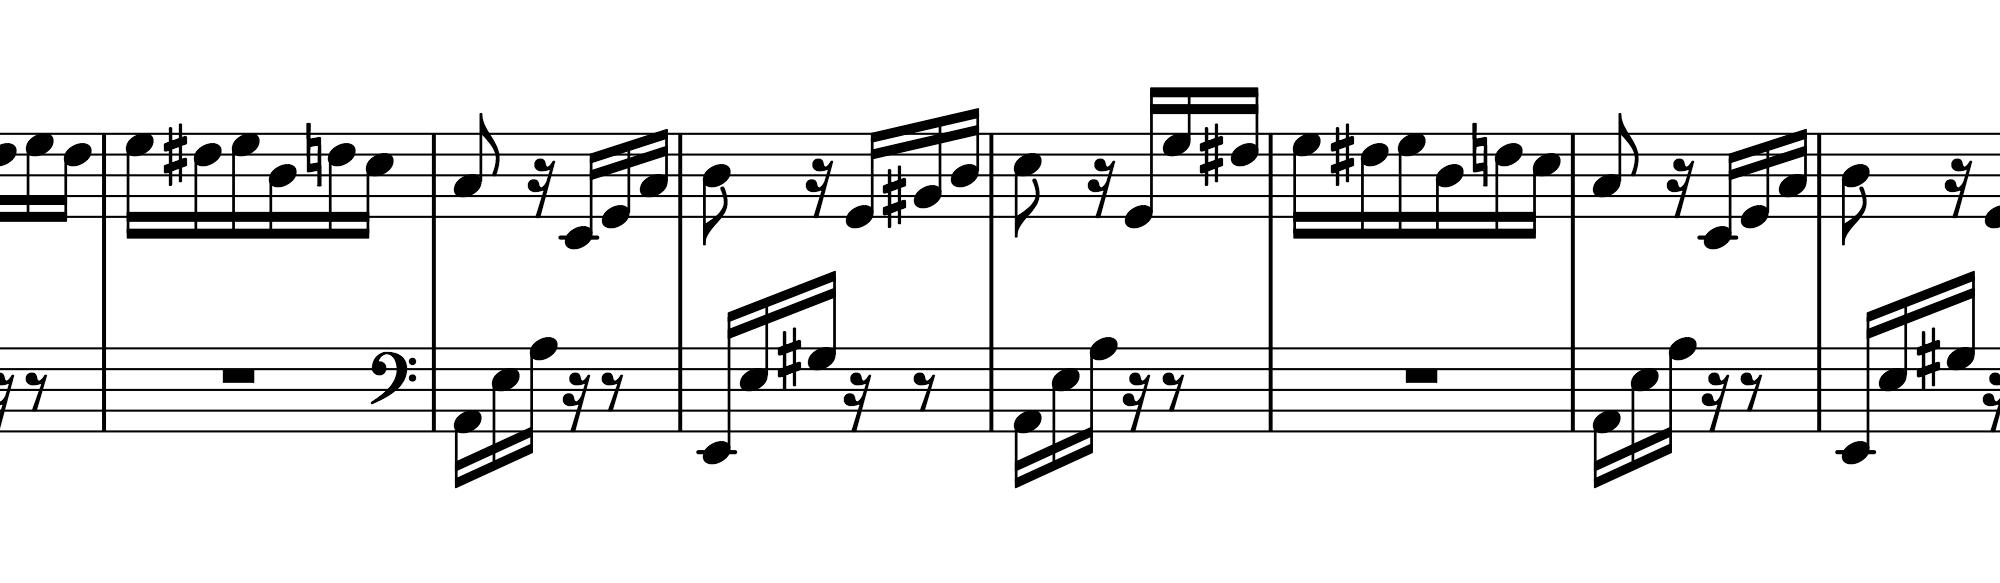 Part_8_150